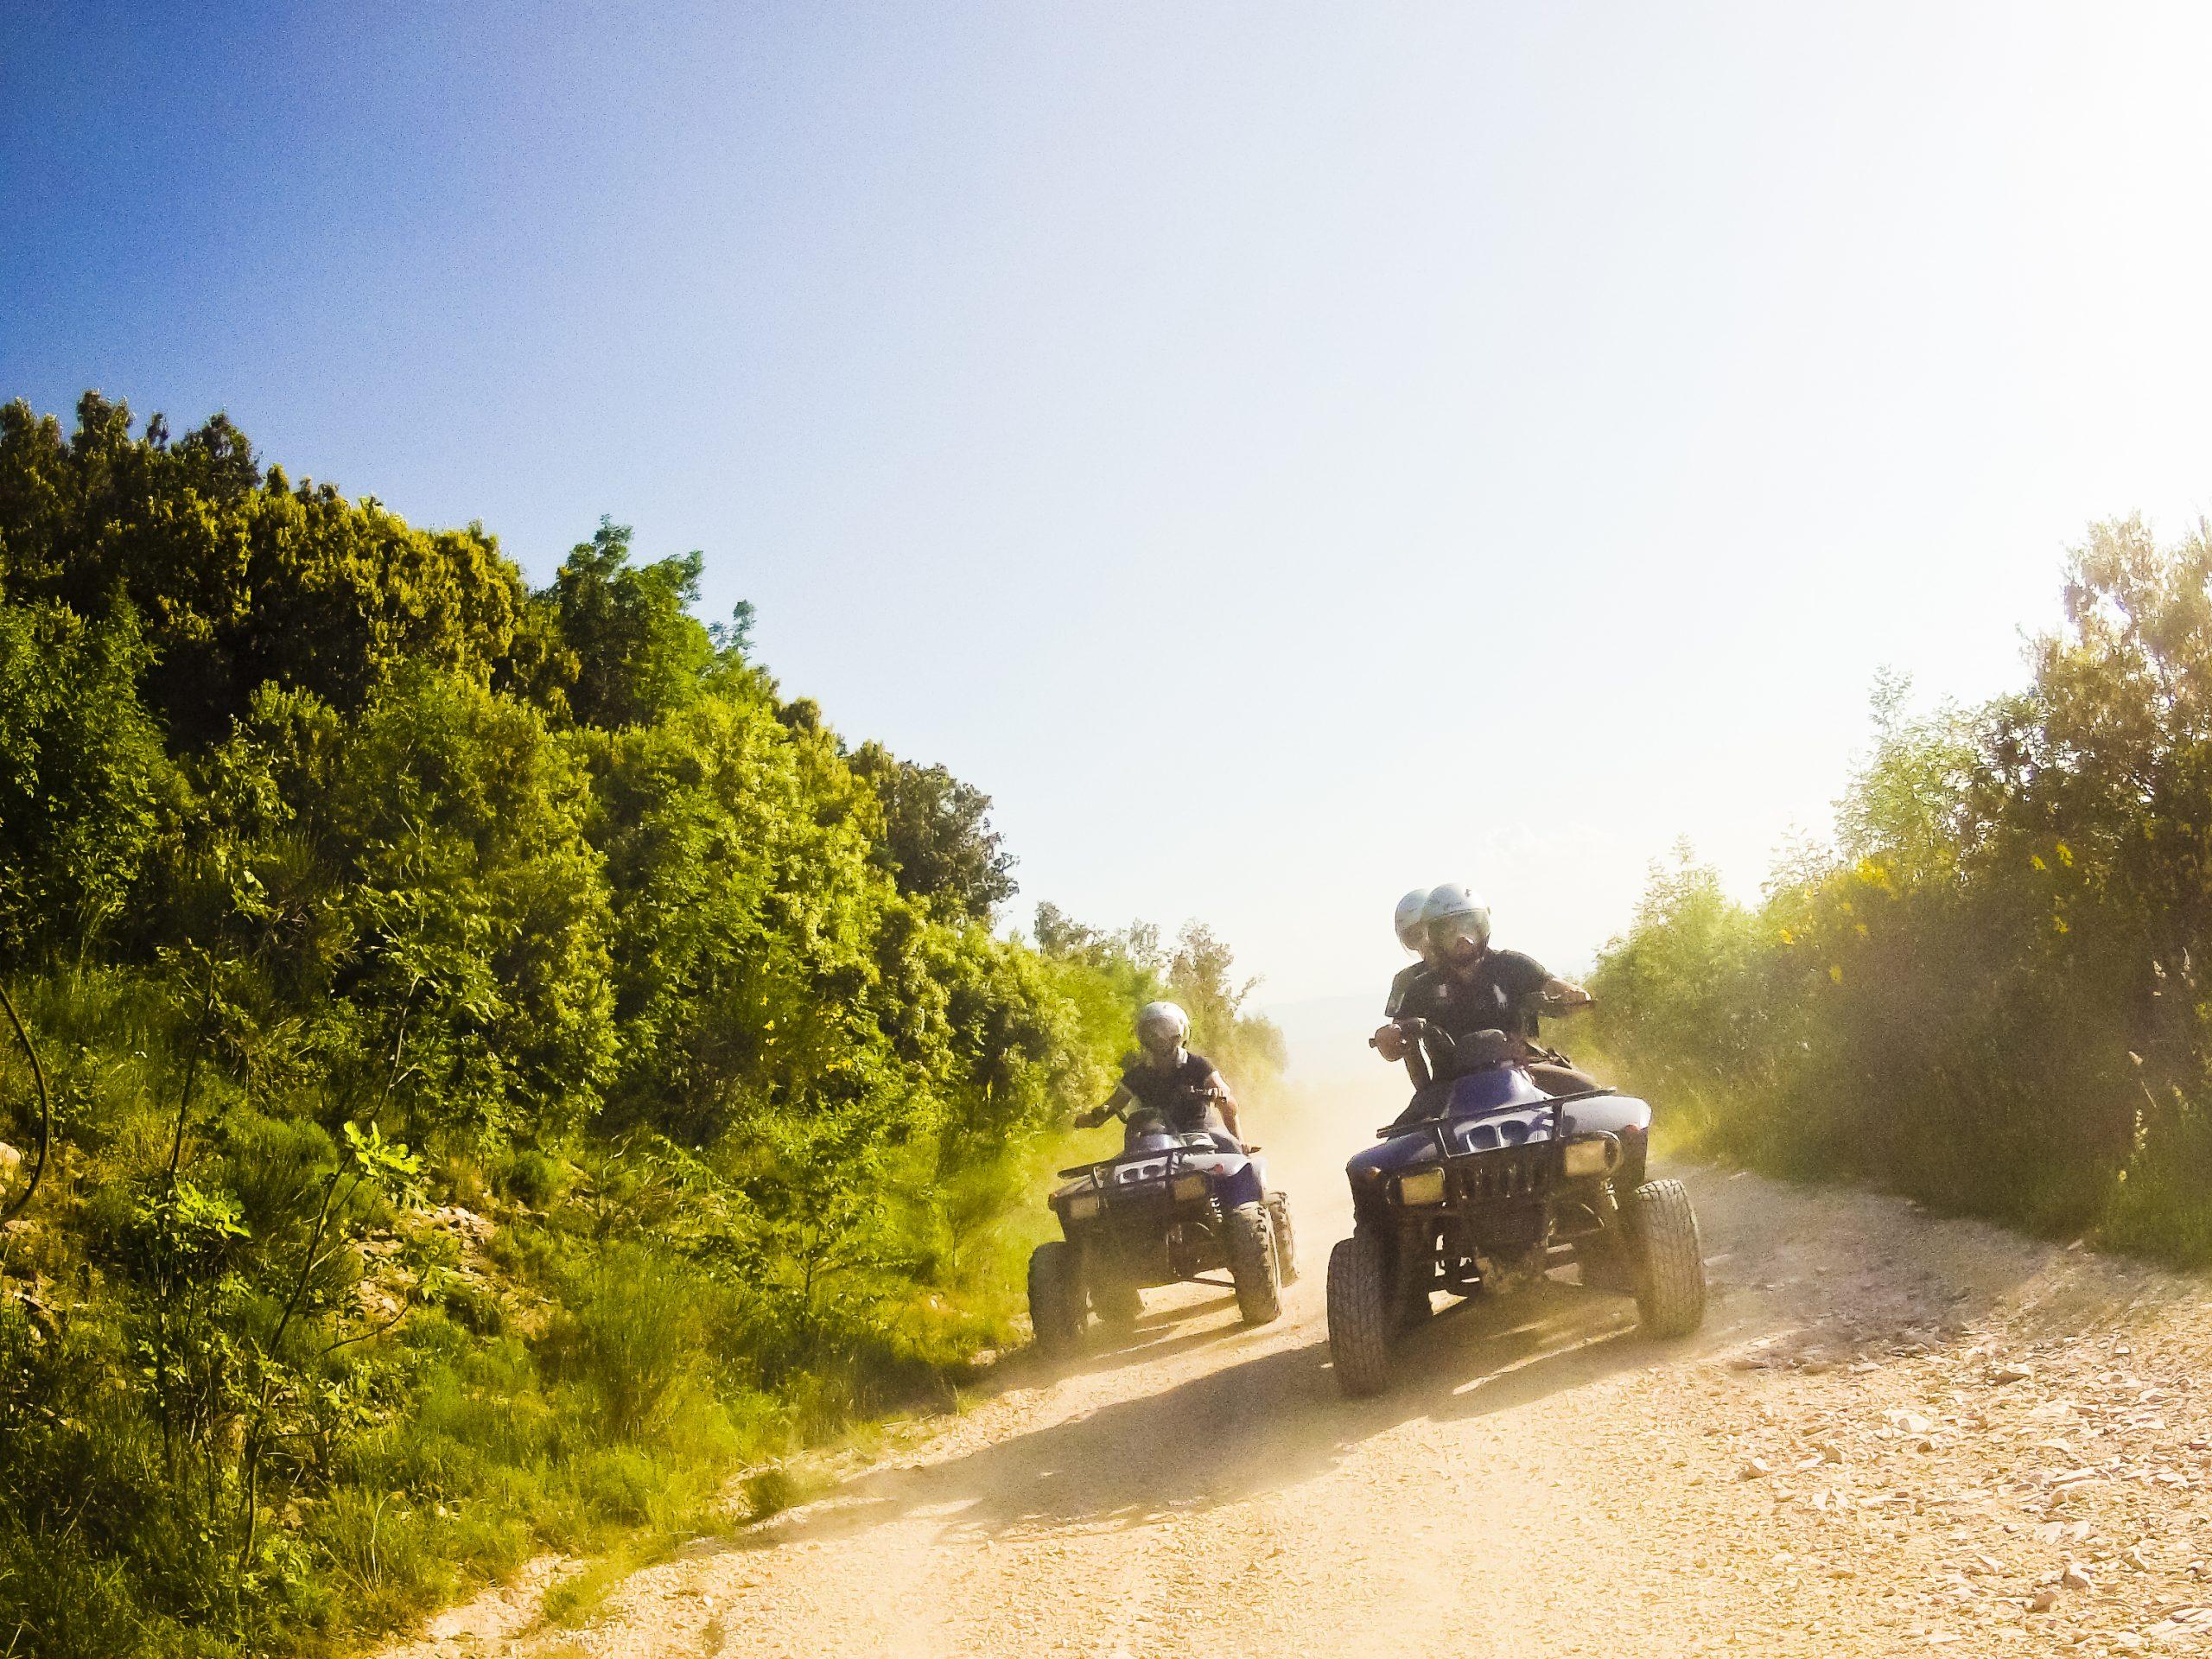 ATVs Off-Roading